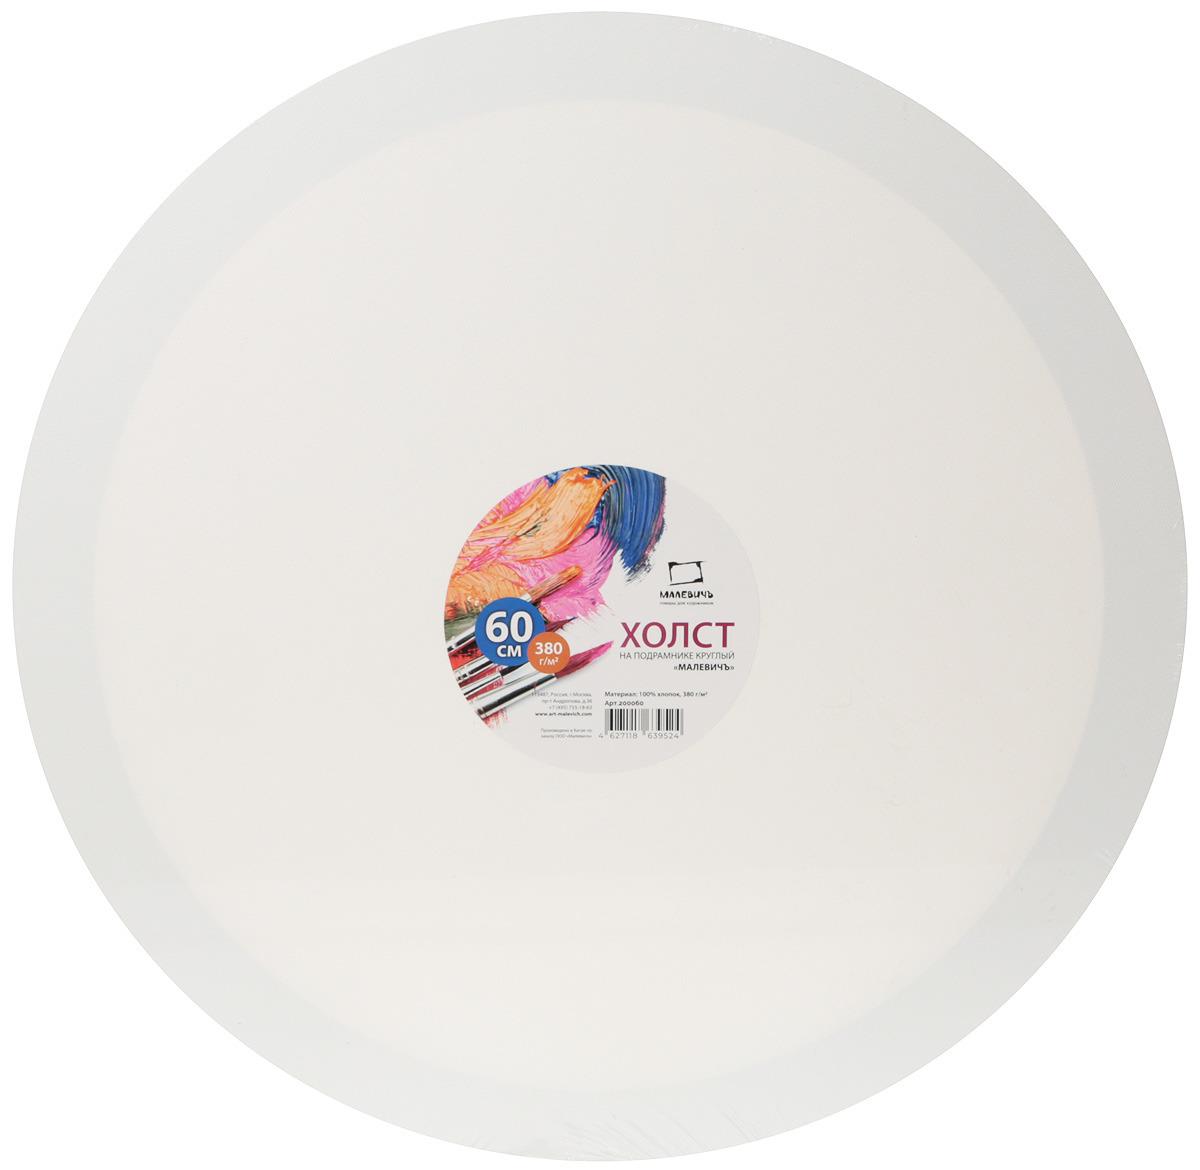 Холст Малевичъ на подрамнике круглый, 200060, белый, диаметр 60 см